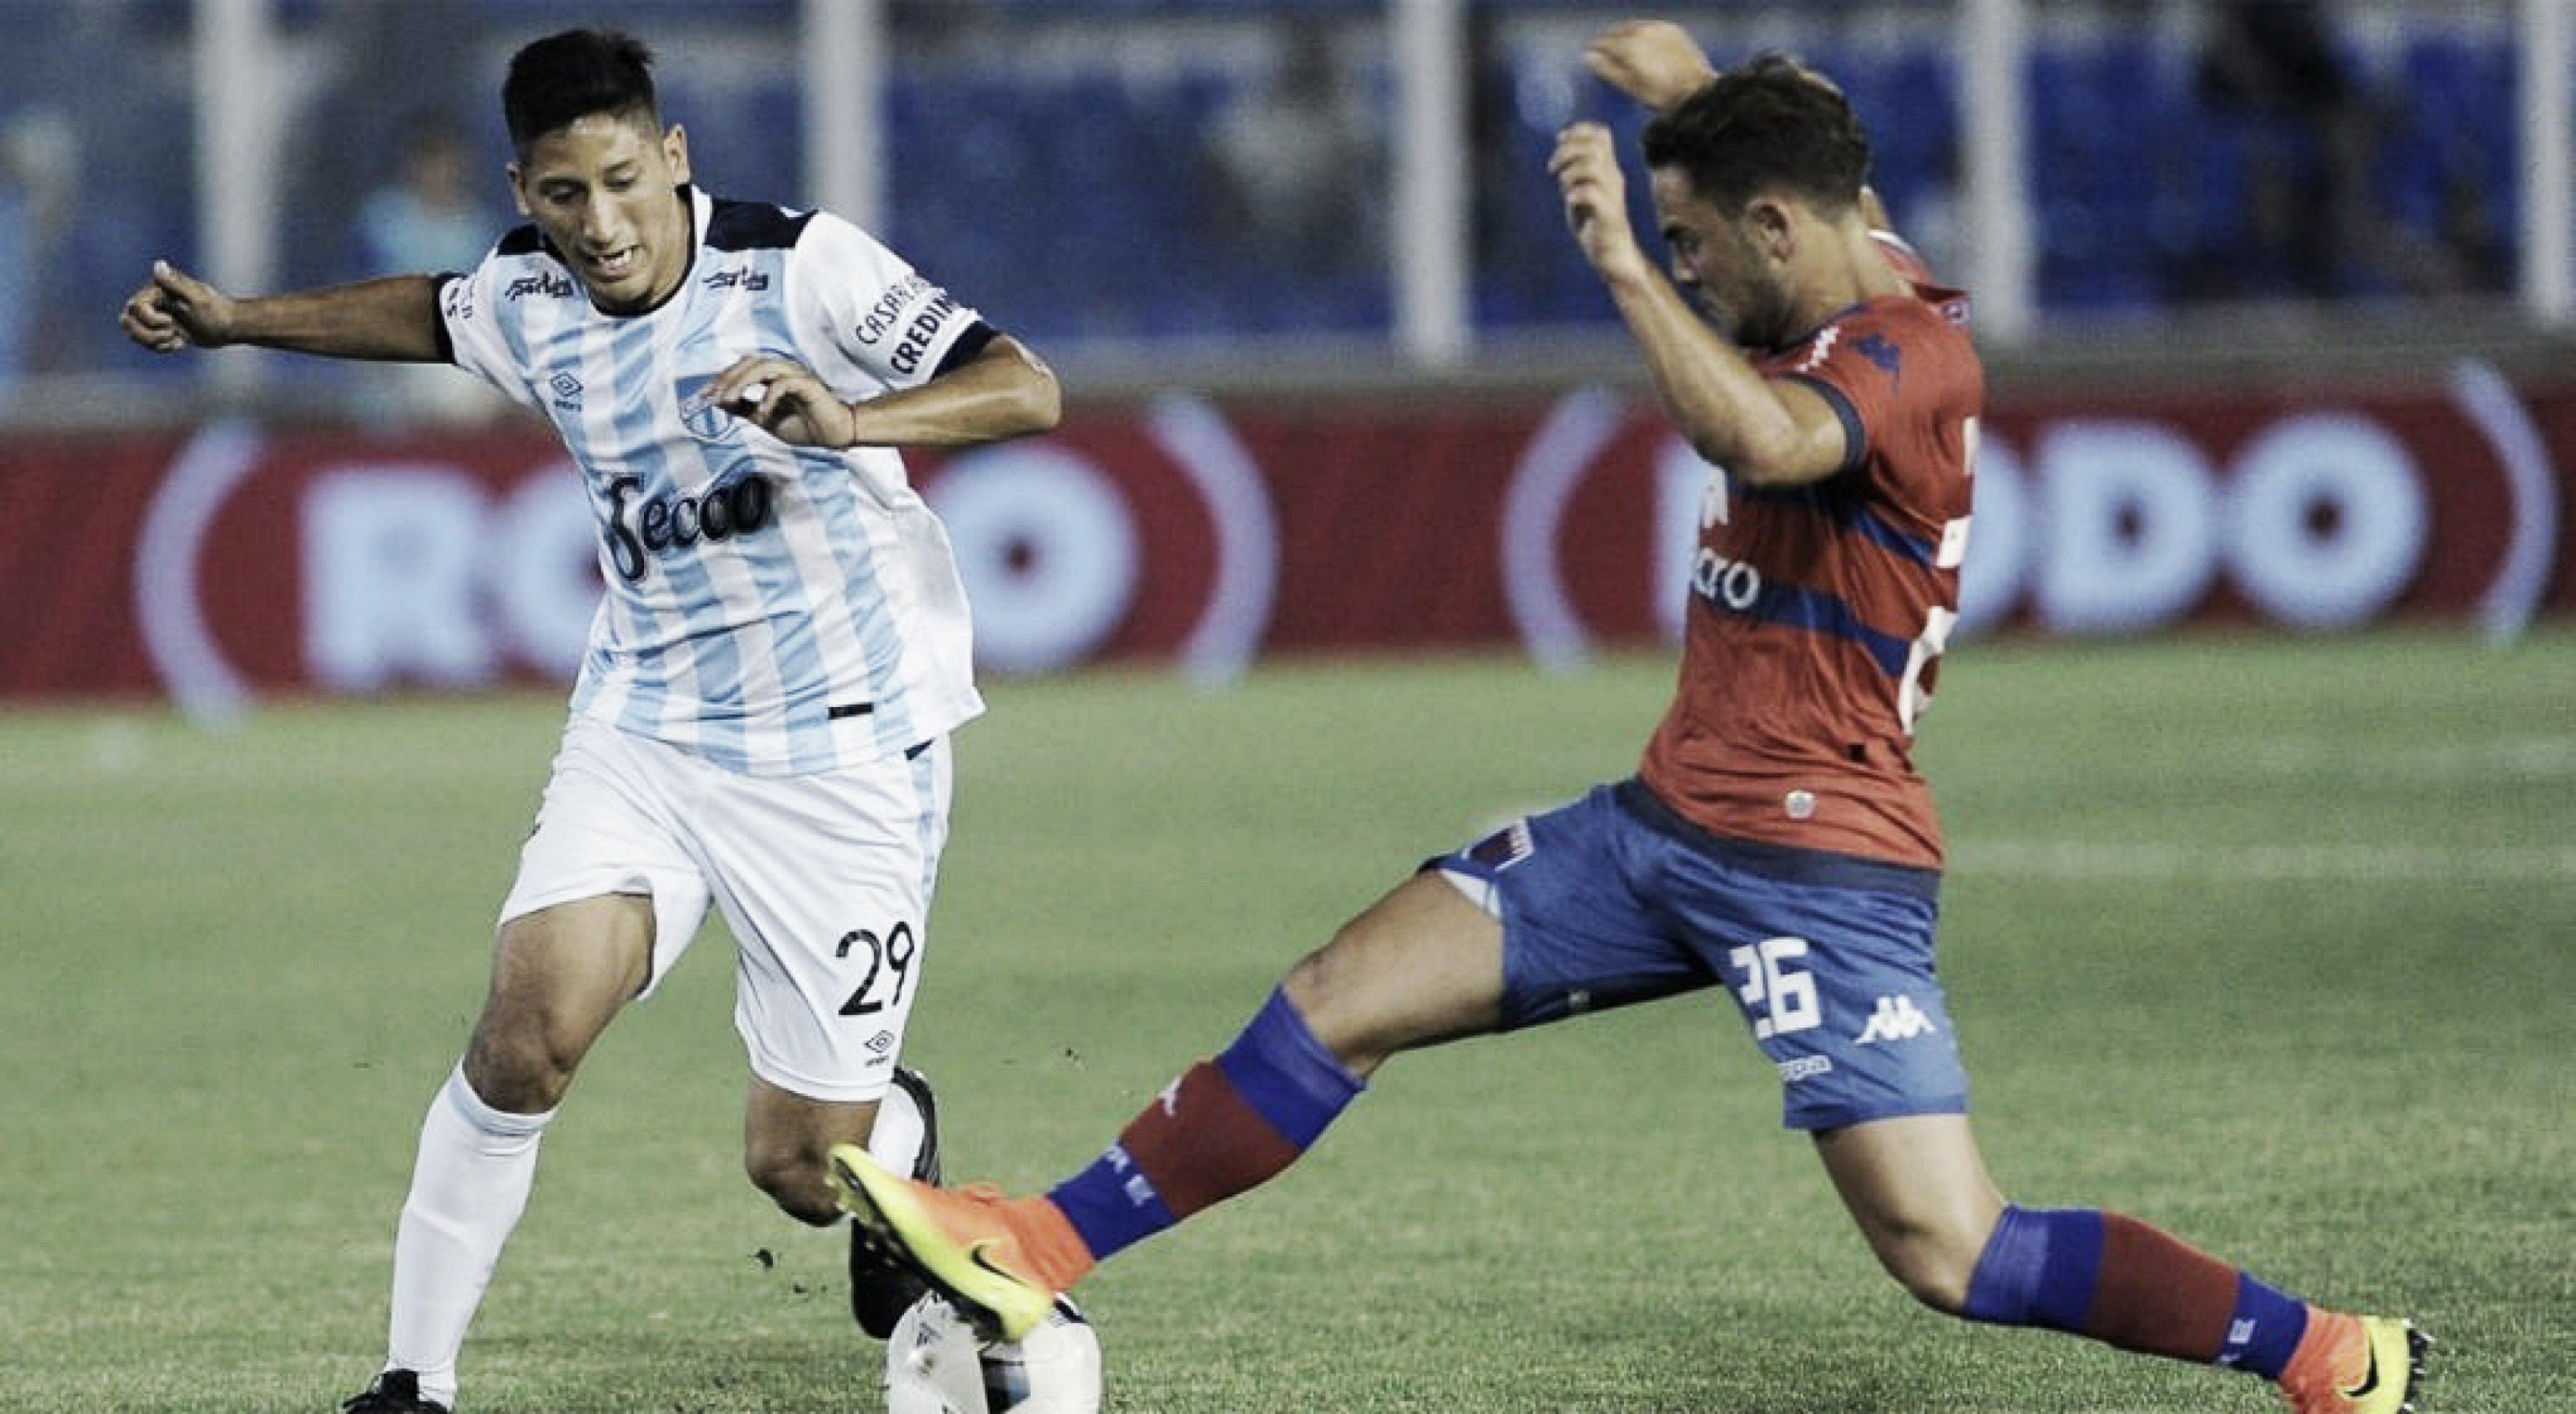 Tigre buscará un triunfo en Tucumán ante Atlético